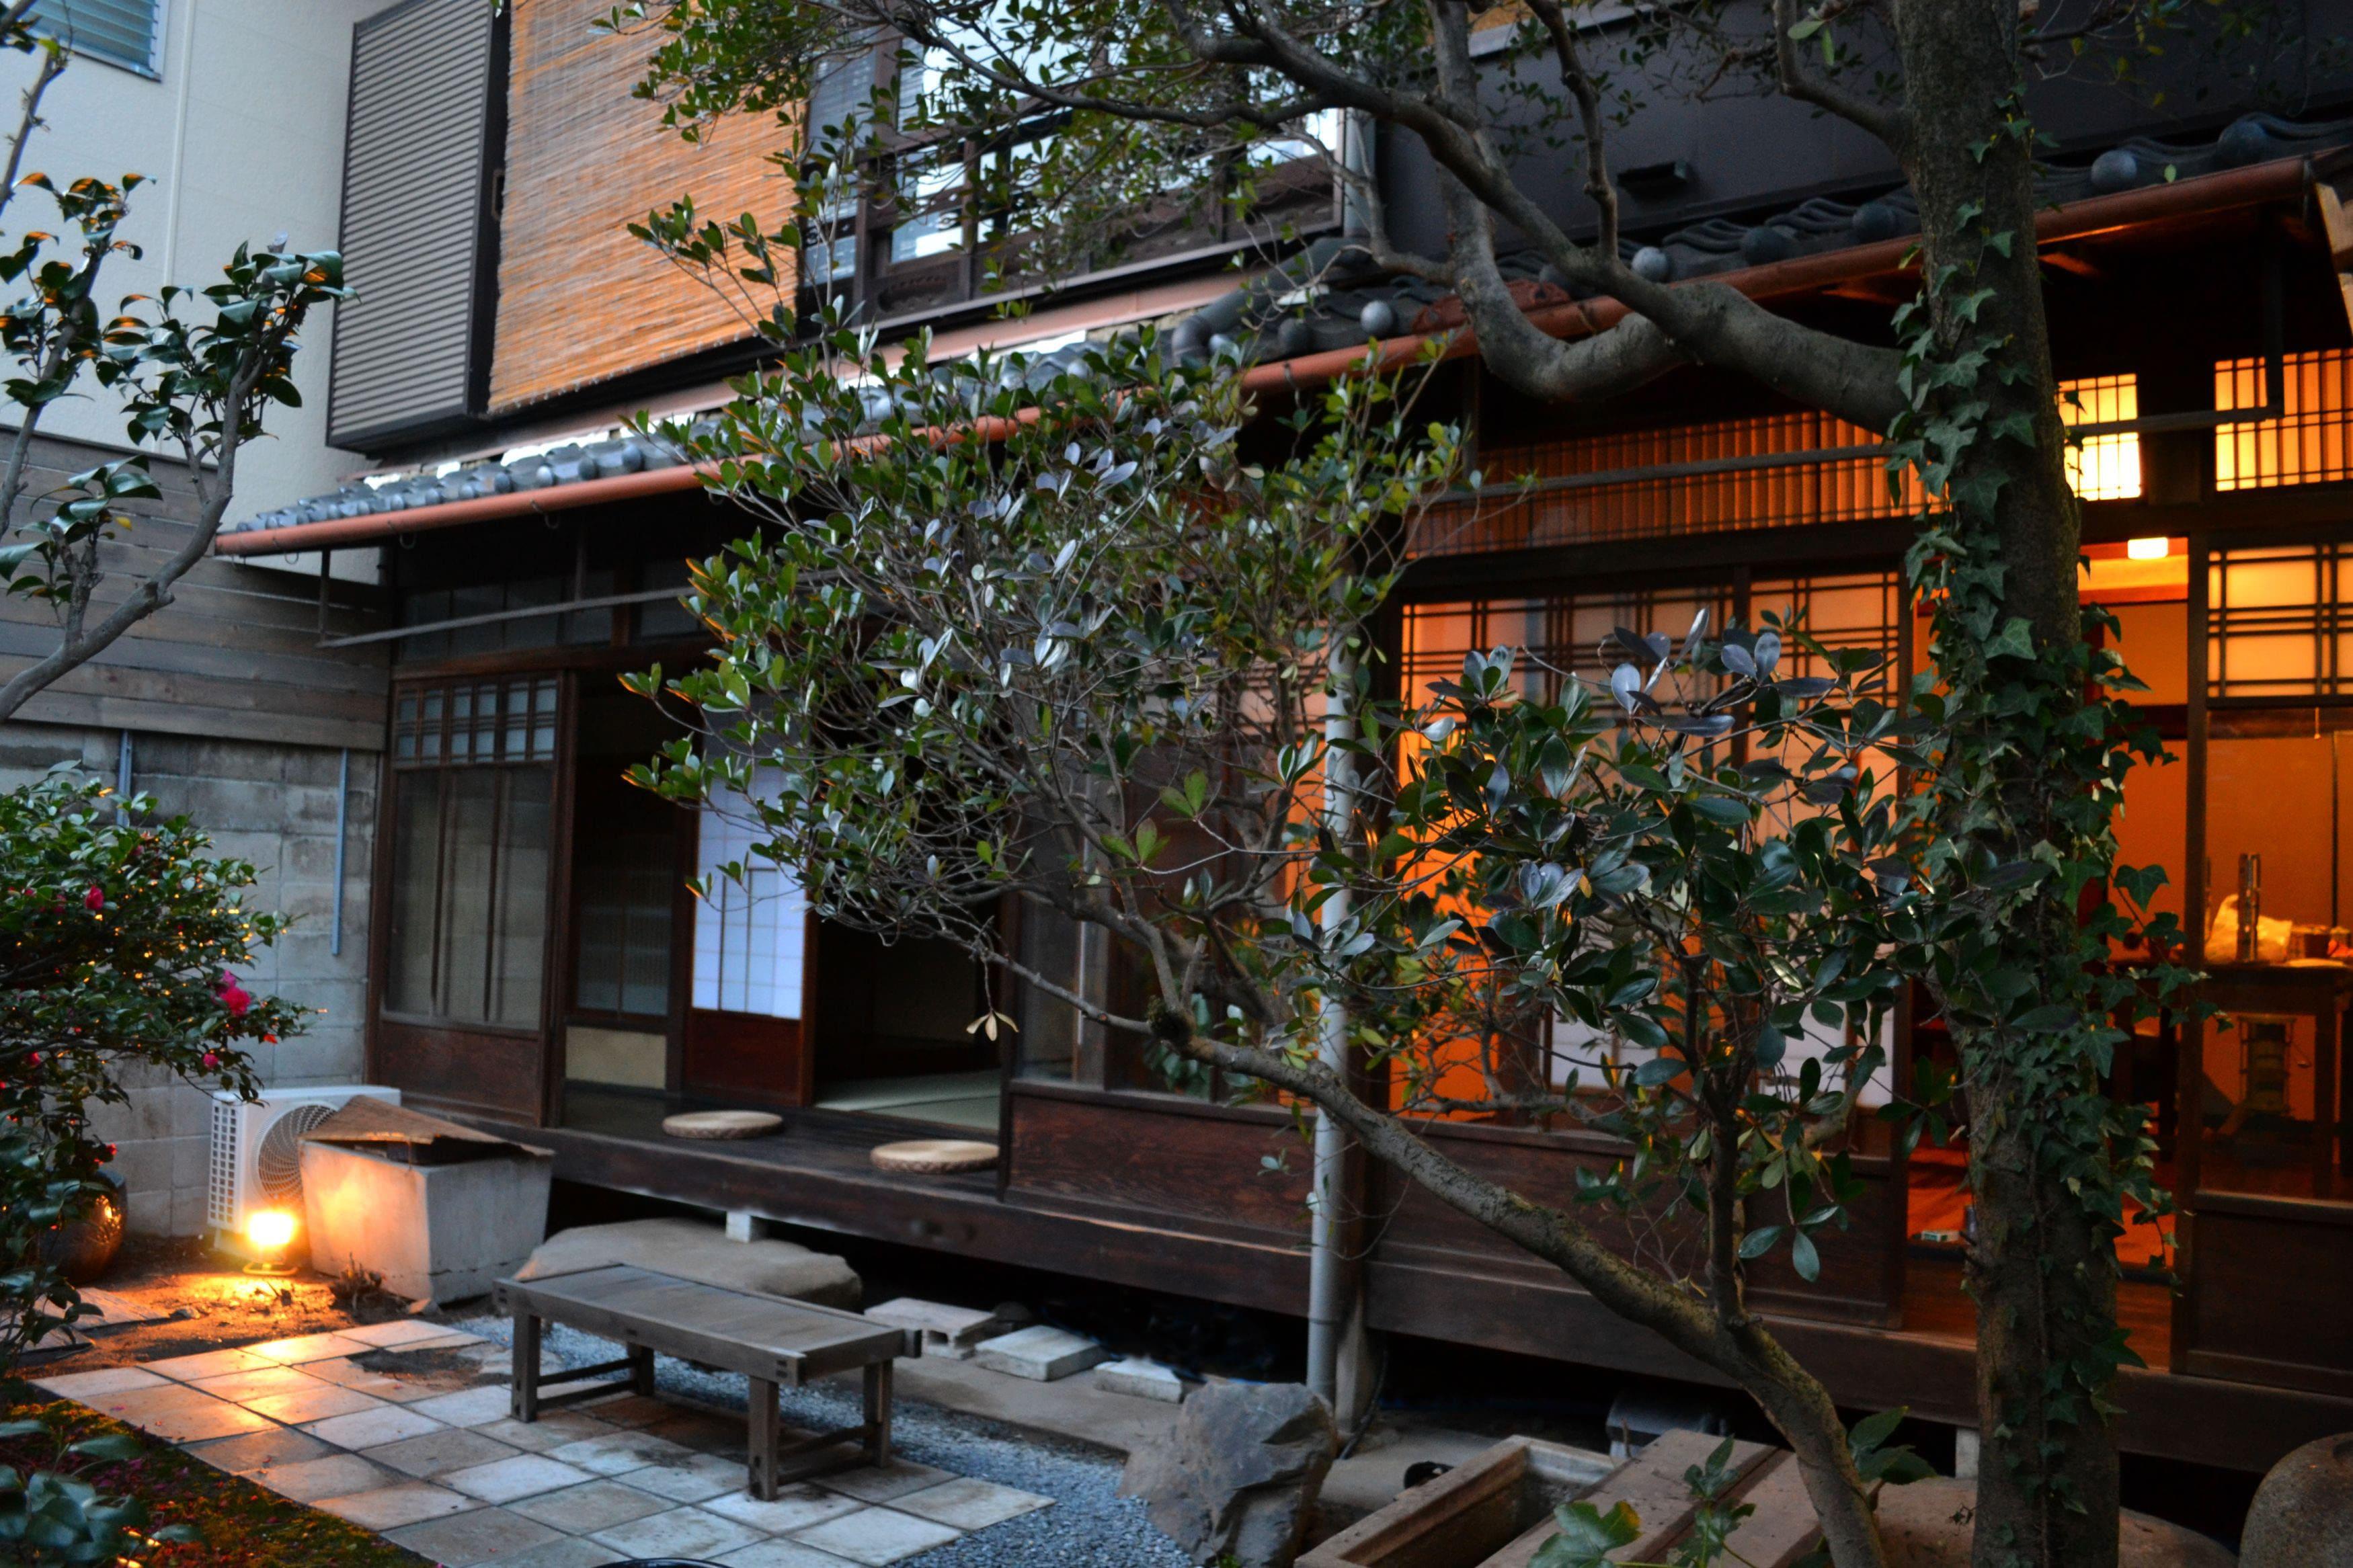 |京都|ゲストハウス|二条城の近くで町家暮らしー清掃業務はありませんー